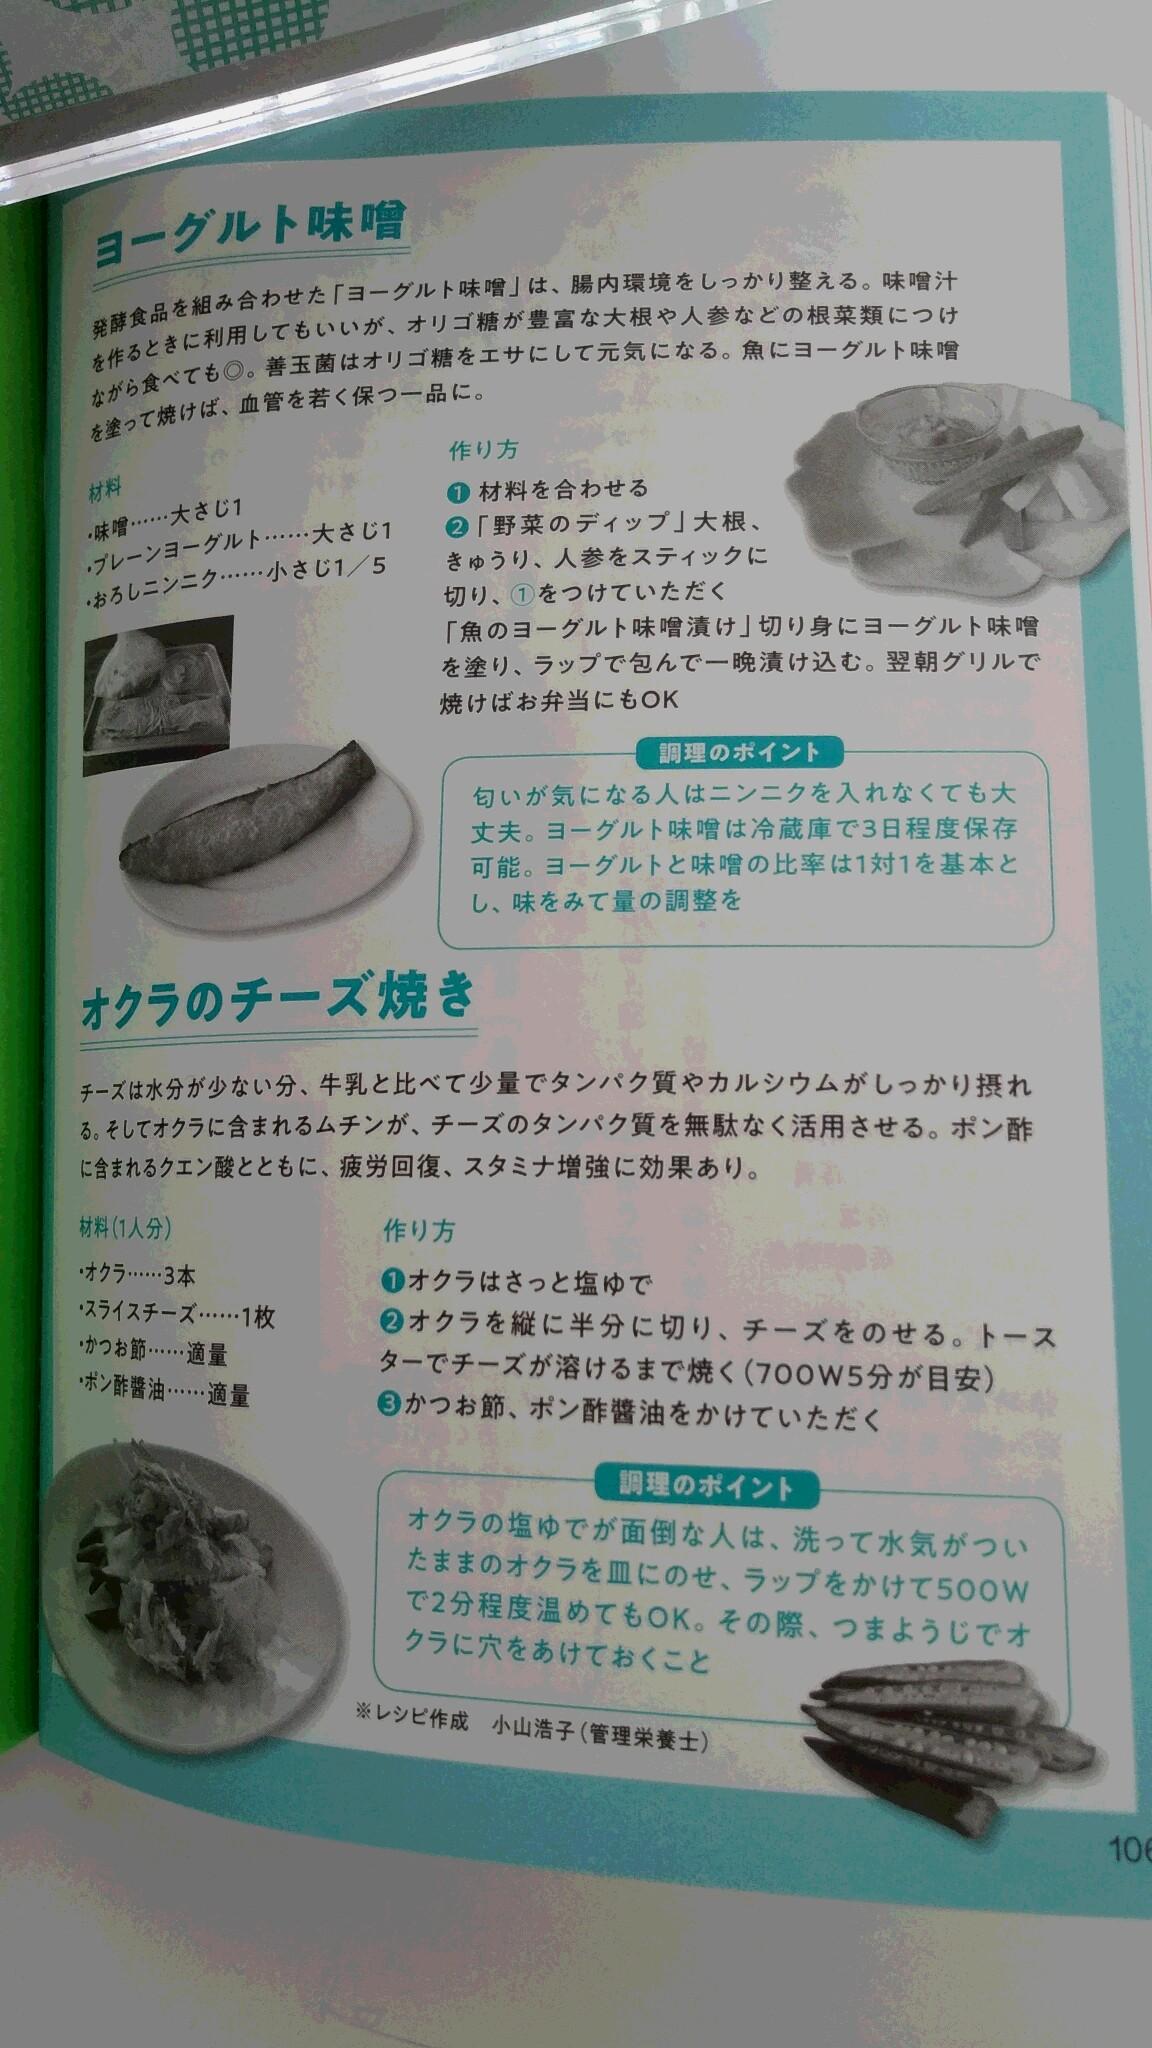 今月発売の文春ムックで老けない乳製品おすすめレシピをご紹介させて頂いております。_b0204930_983770.jpg